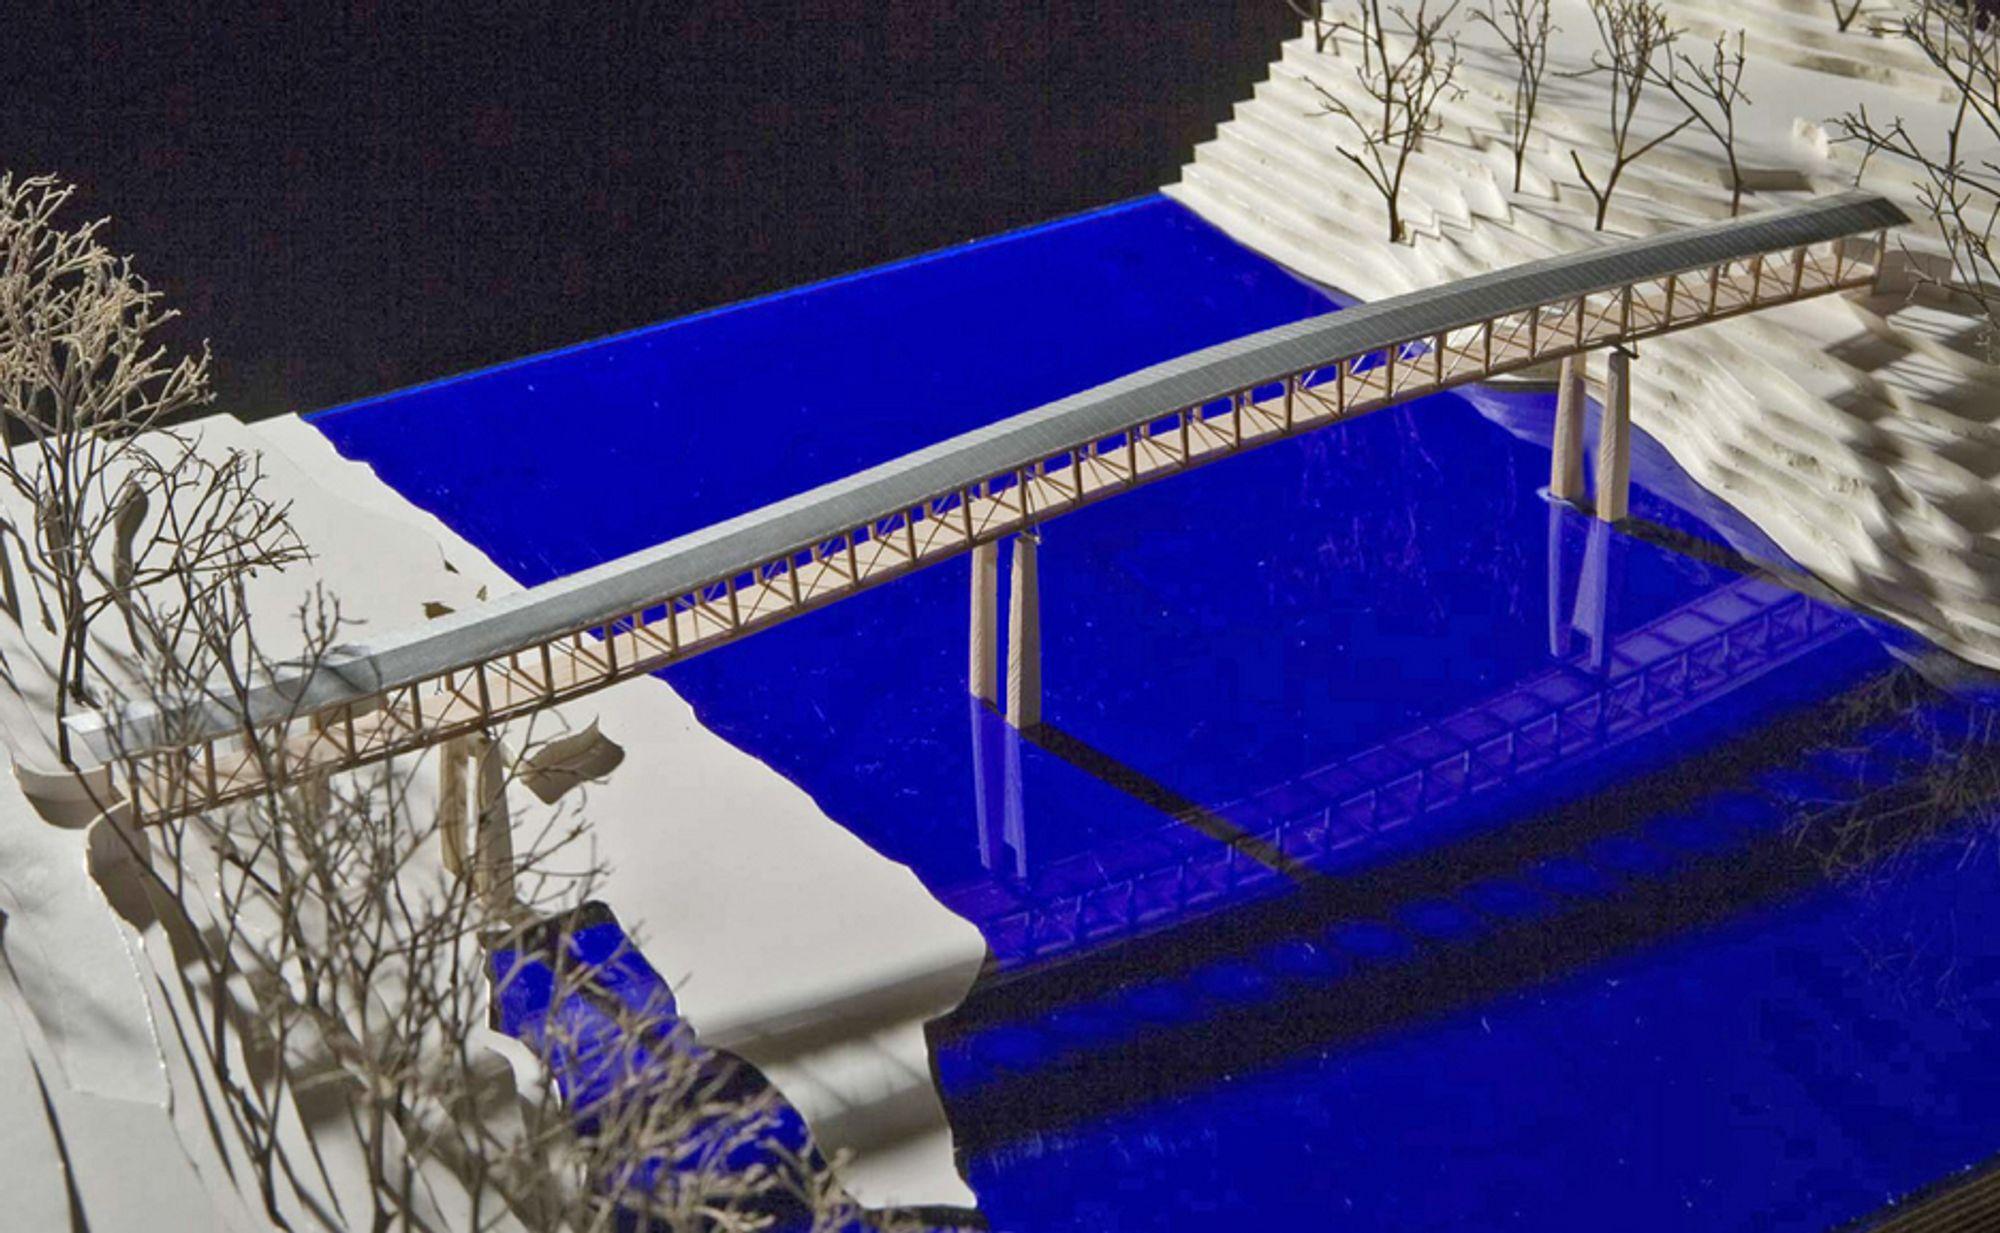 Denne spesielle brua er et resultat av samarbeid mellom Arne Eggen Arkitekter AS og Sivilingeniørene Haug og Blom-Bakke AS. Etter at modellen ble laget har brua blitt utstyrt med brystningsfelt.